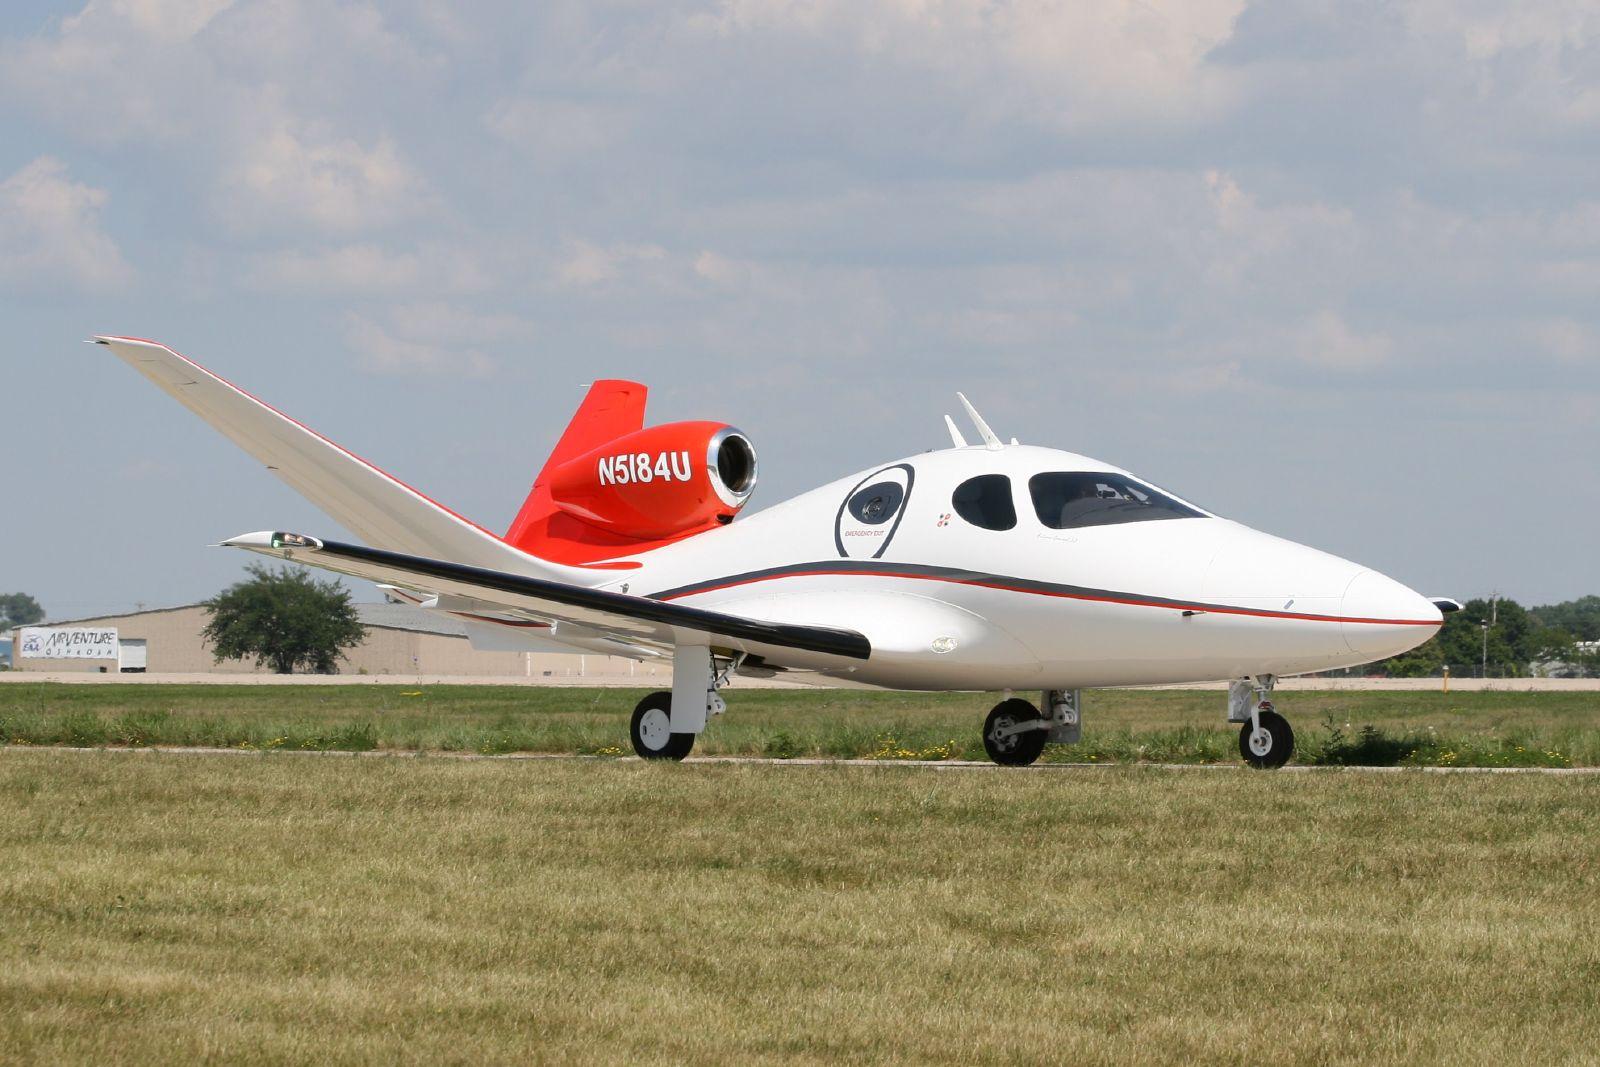 Description Eclipse Concept Jet - Oshkosh Air Show 2007 - 002 jpgEclipse Jet